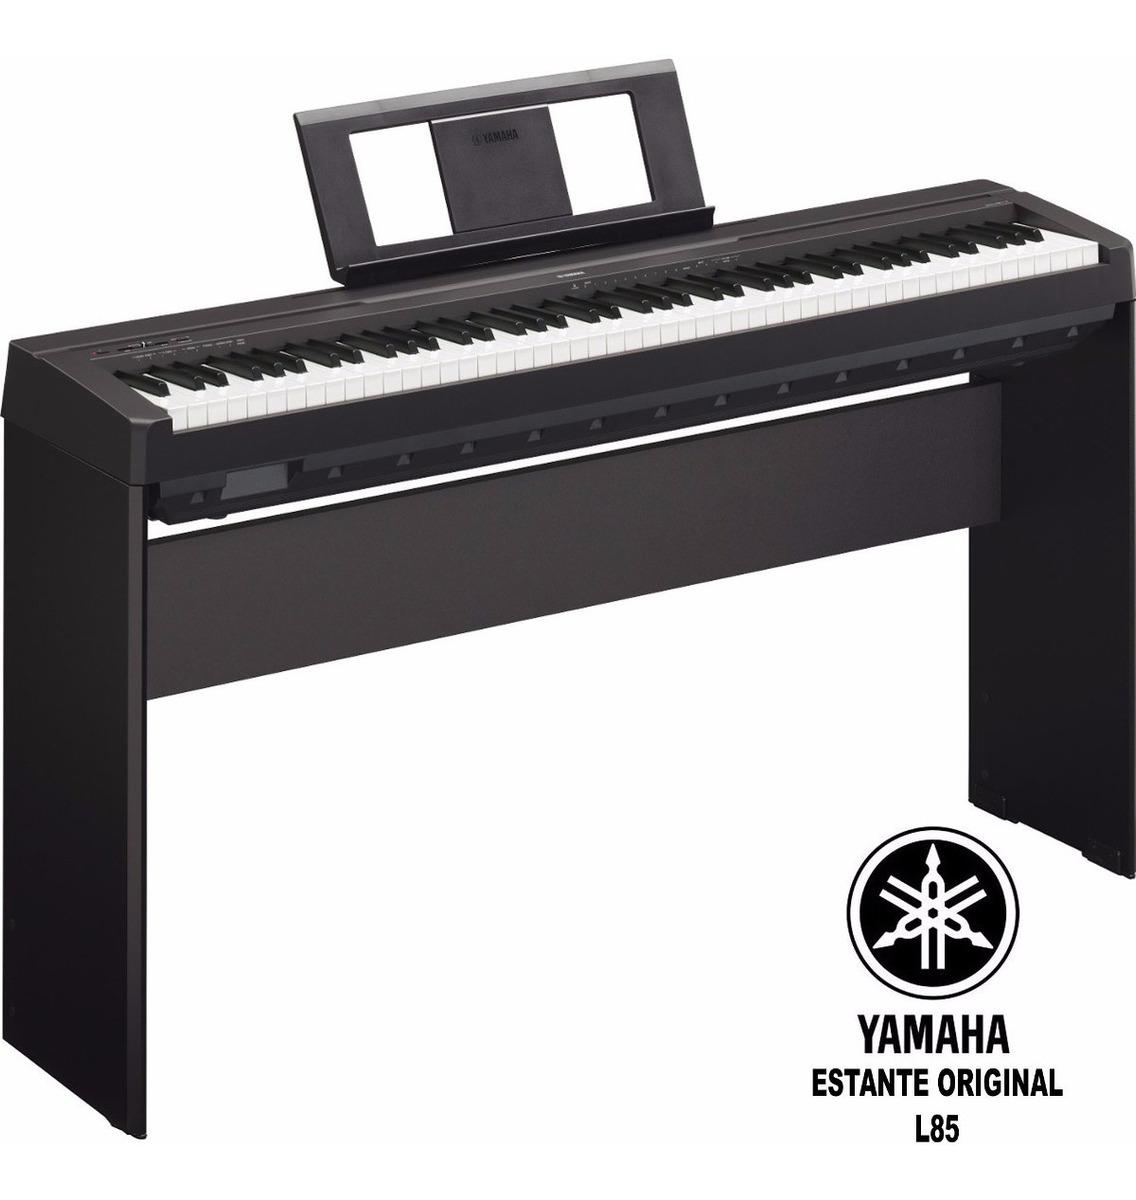 Estante Suporte P Piano Digital L85 P45 P115 Yamaha